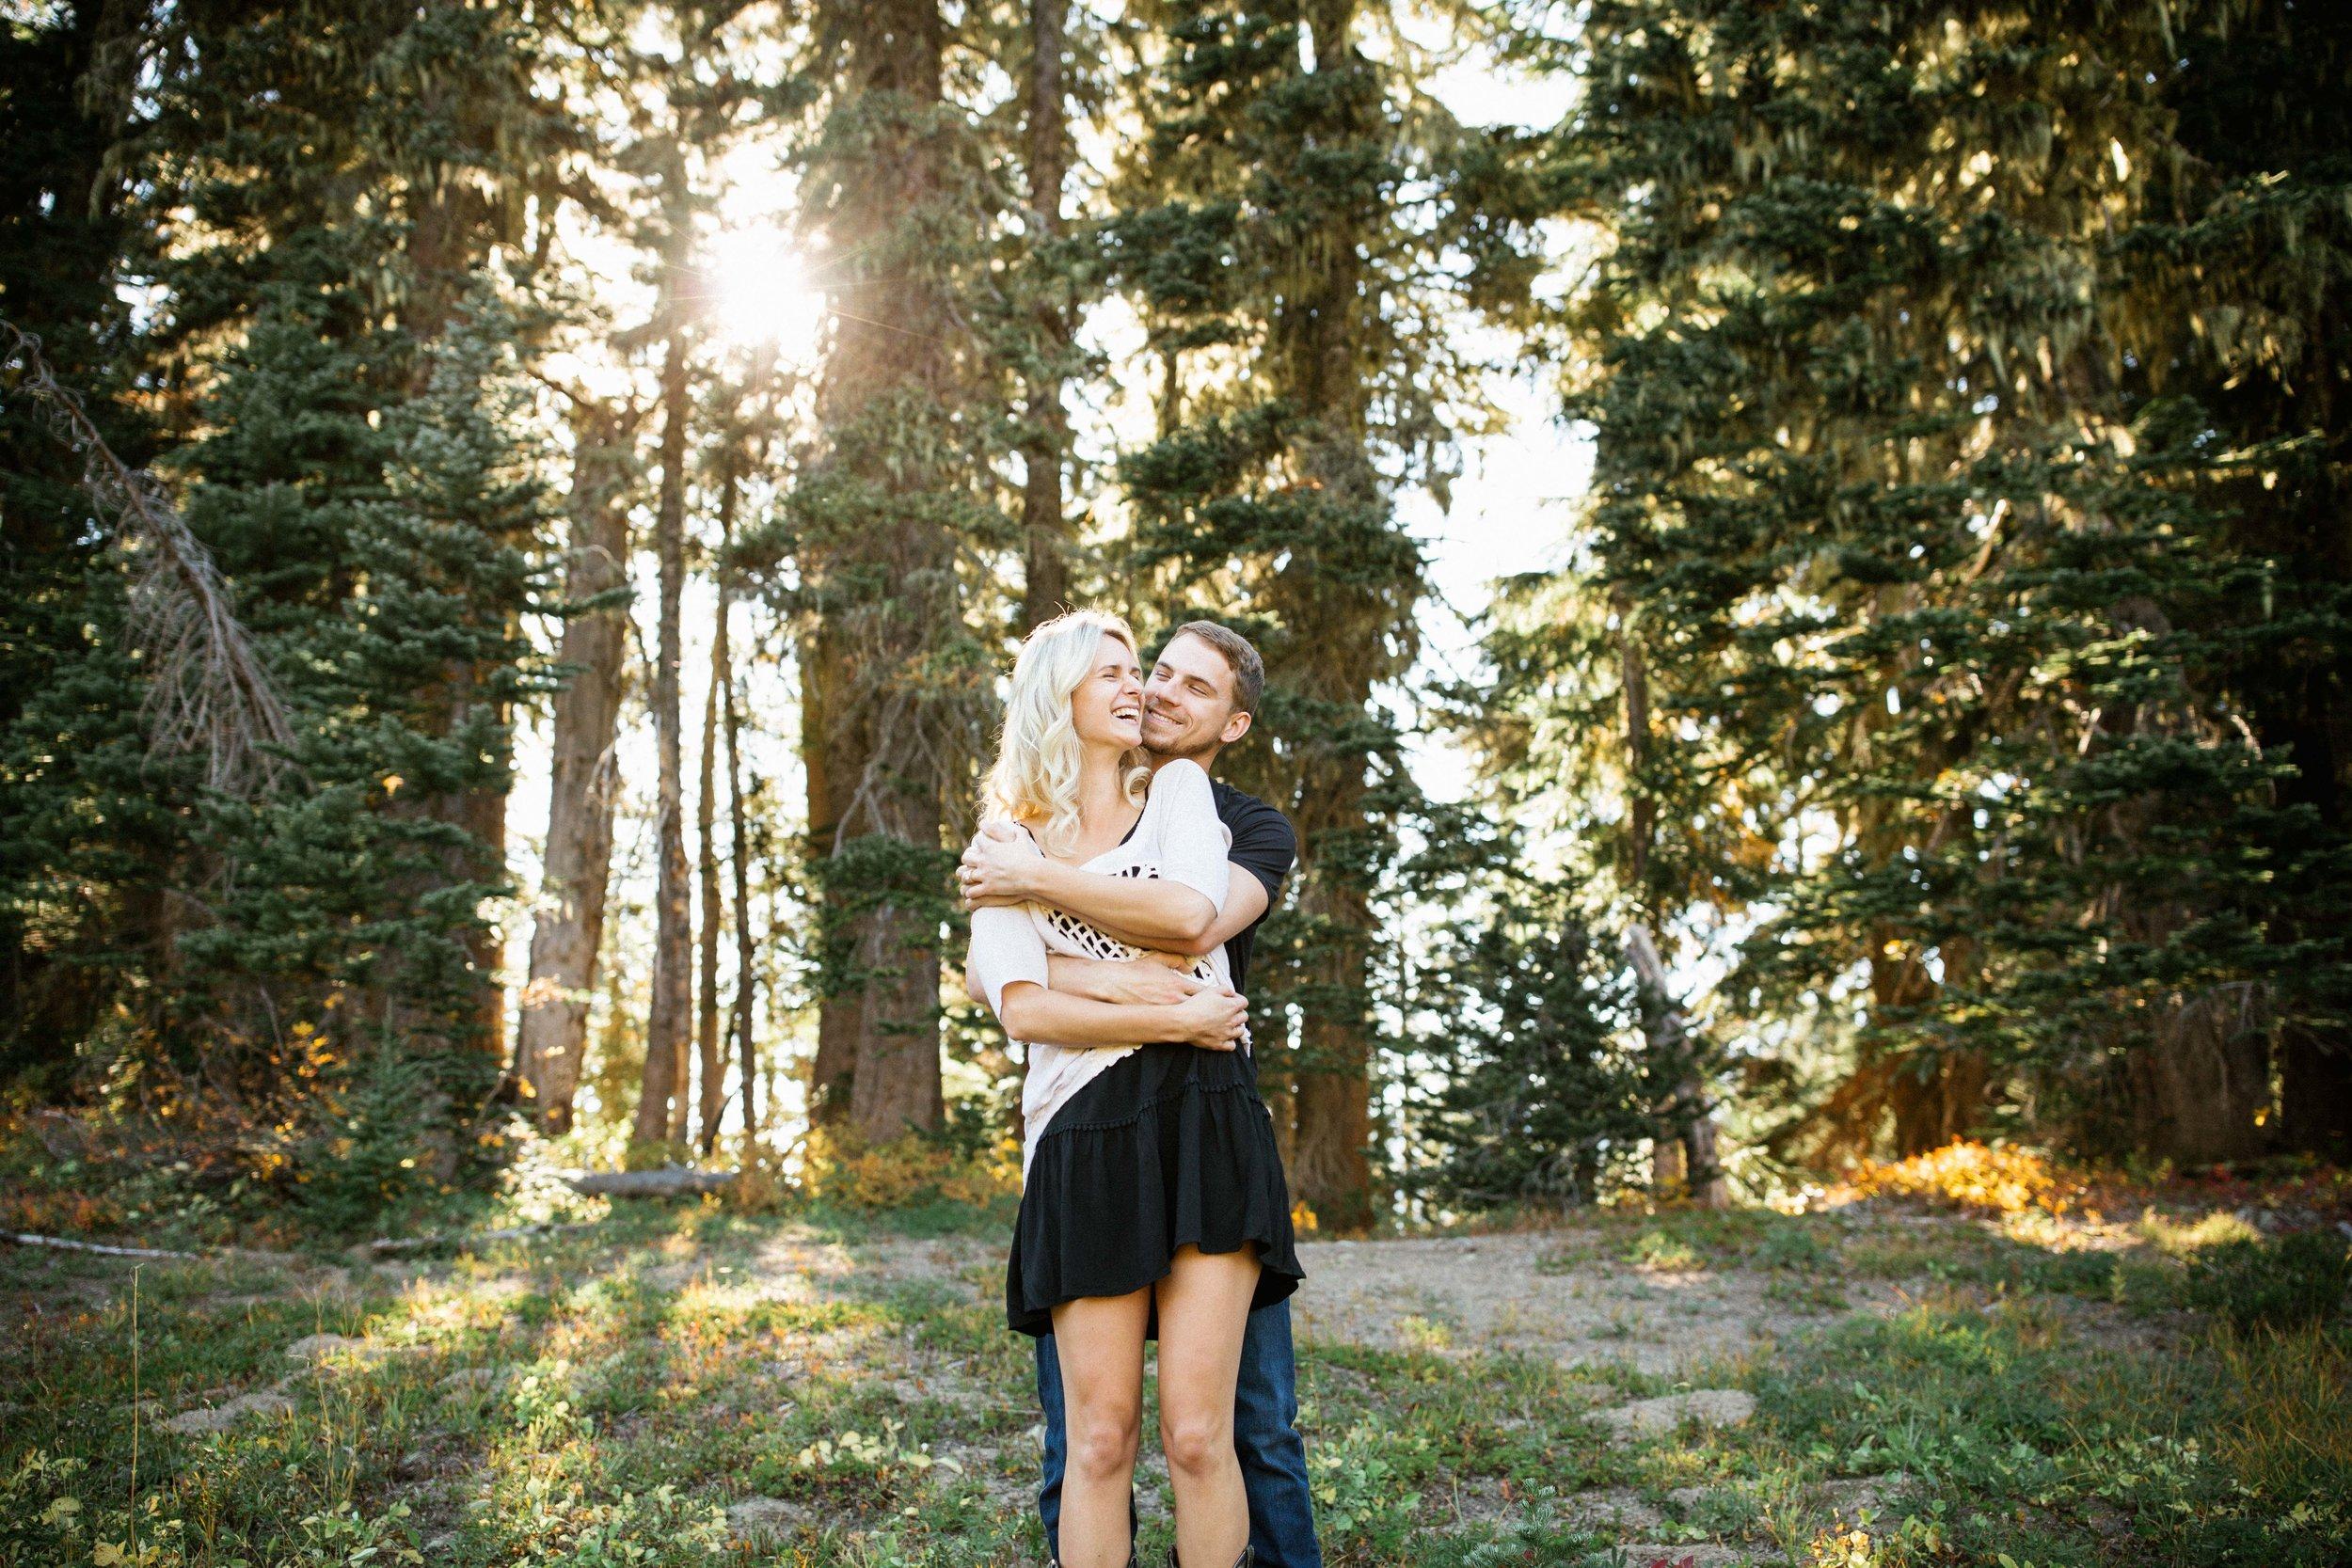 Alexis&Kyle-Engaged!BLOG-3.jpg